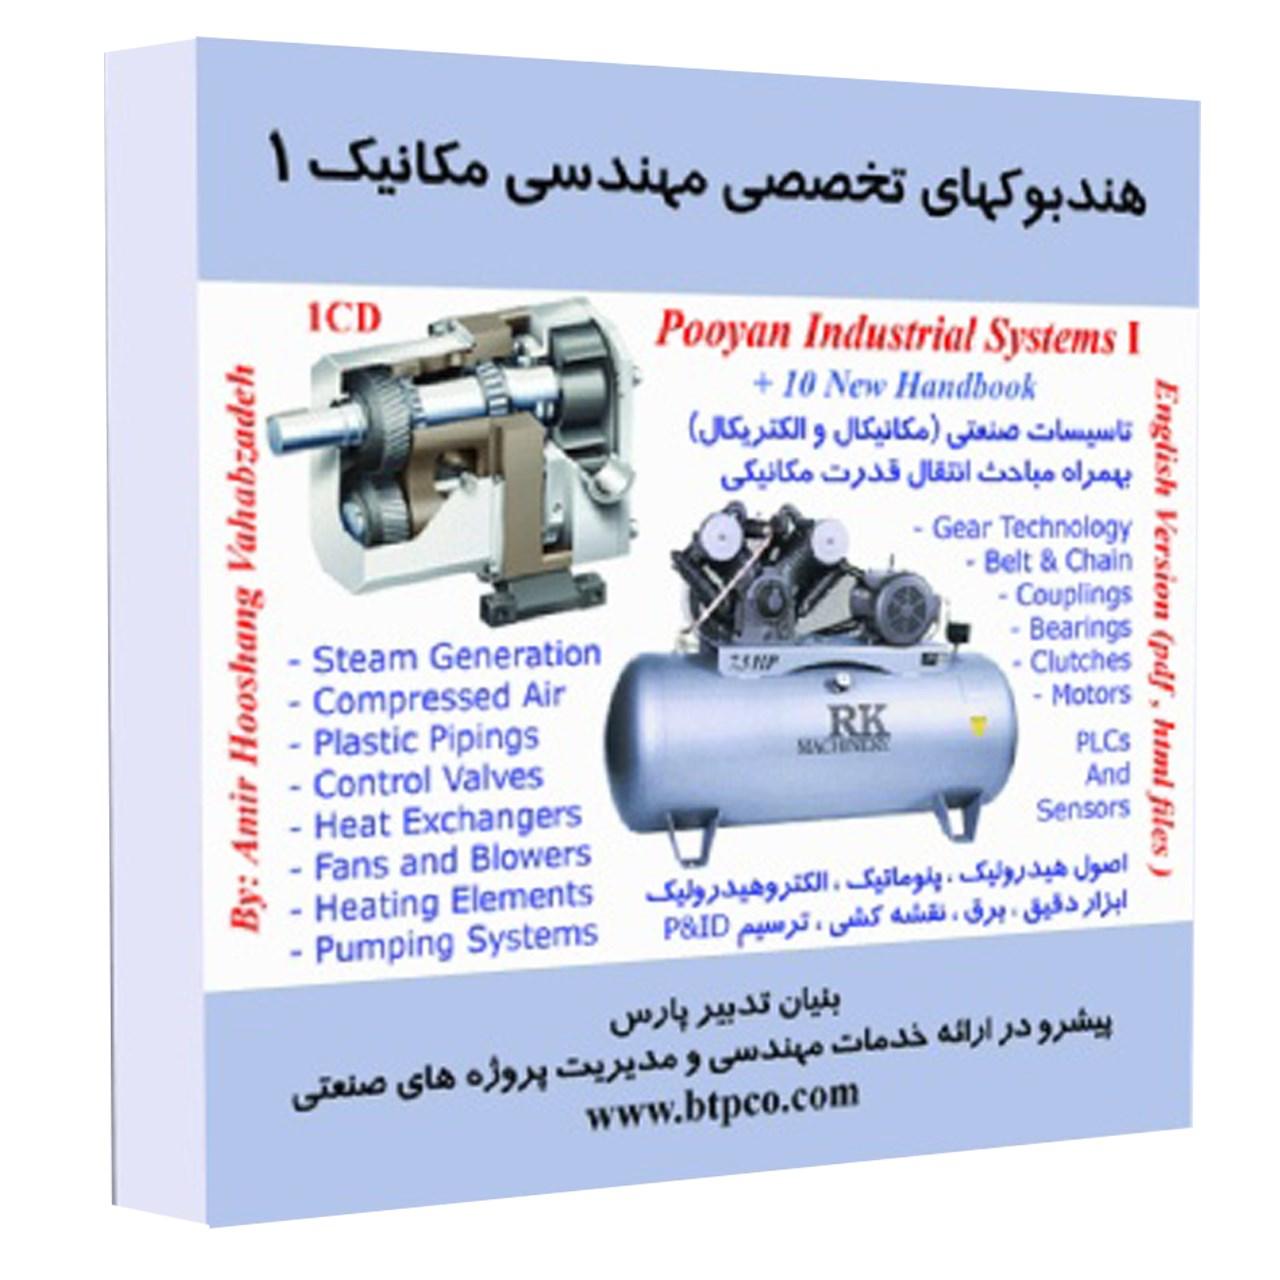 نرم افزار آموزش هندبوک های تخصصی مهندسی مکانیک نشر نوآوران